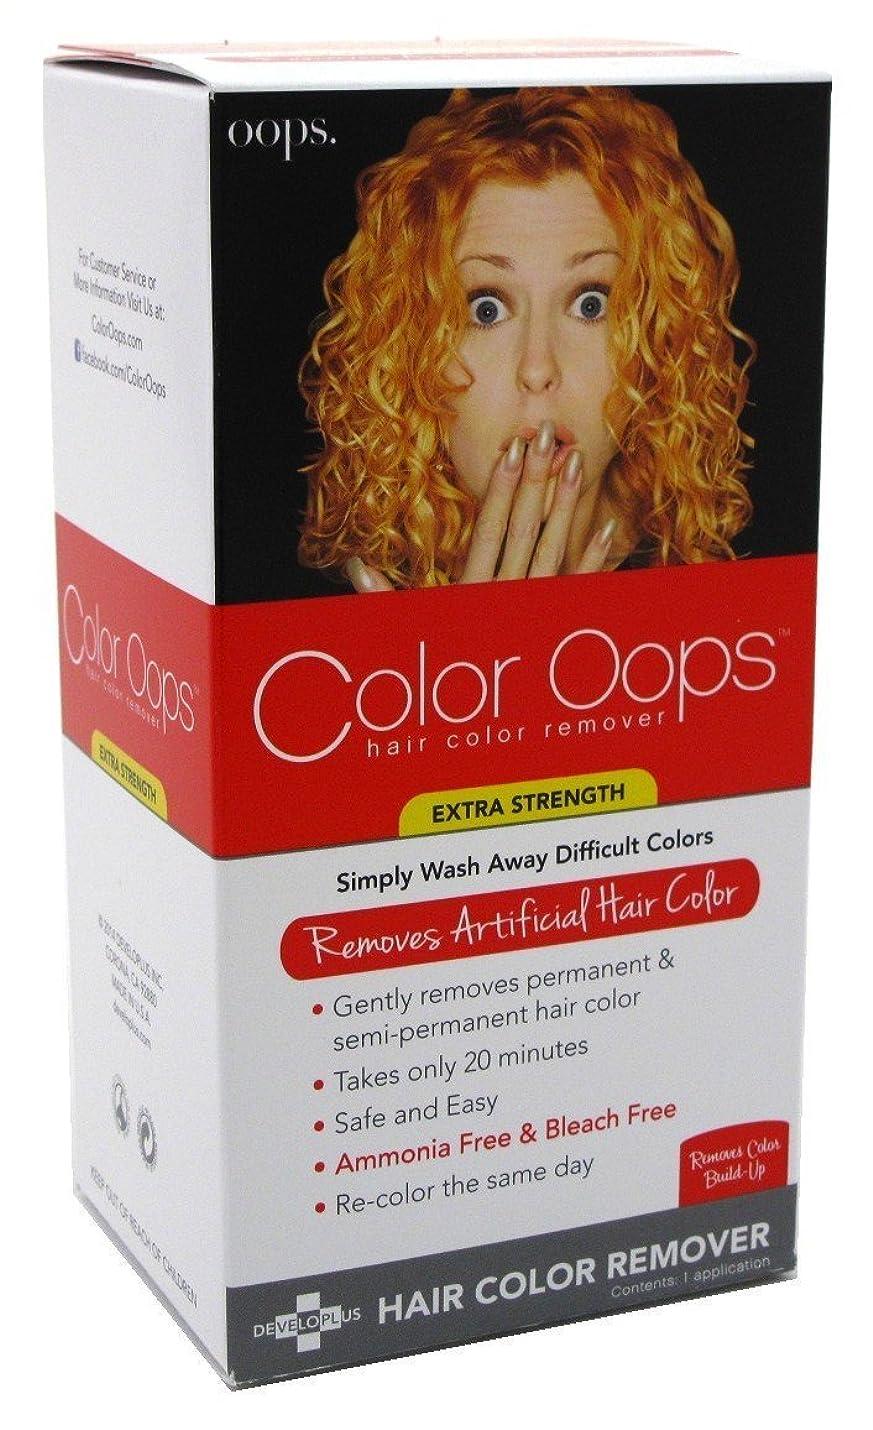 がっかりした代わりにを立てる保有者Color Oops Developlus色リムーバー(エクストラストレングス)(2パック) 2パック